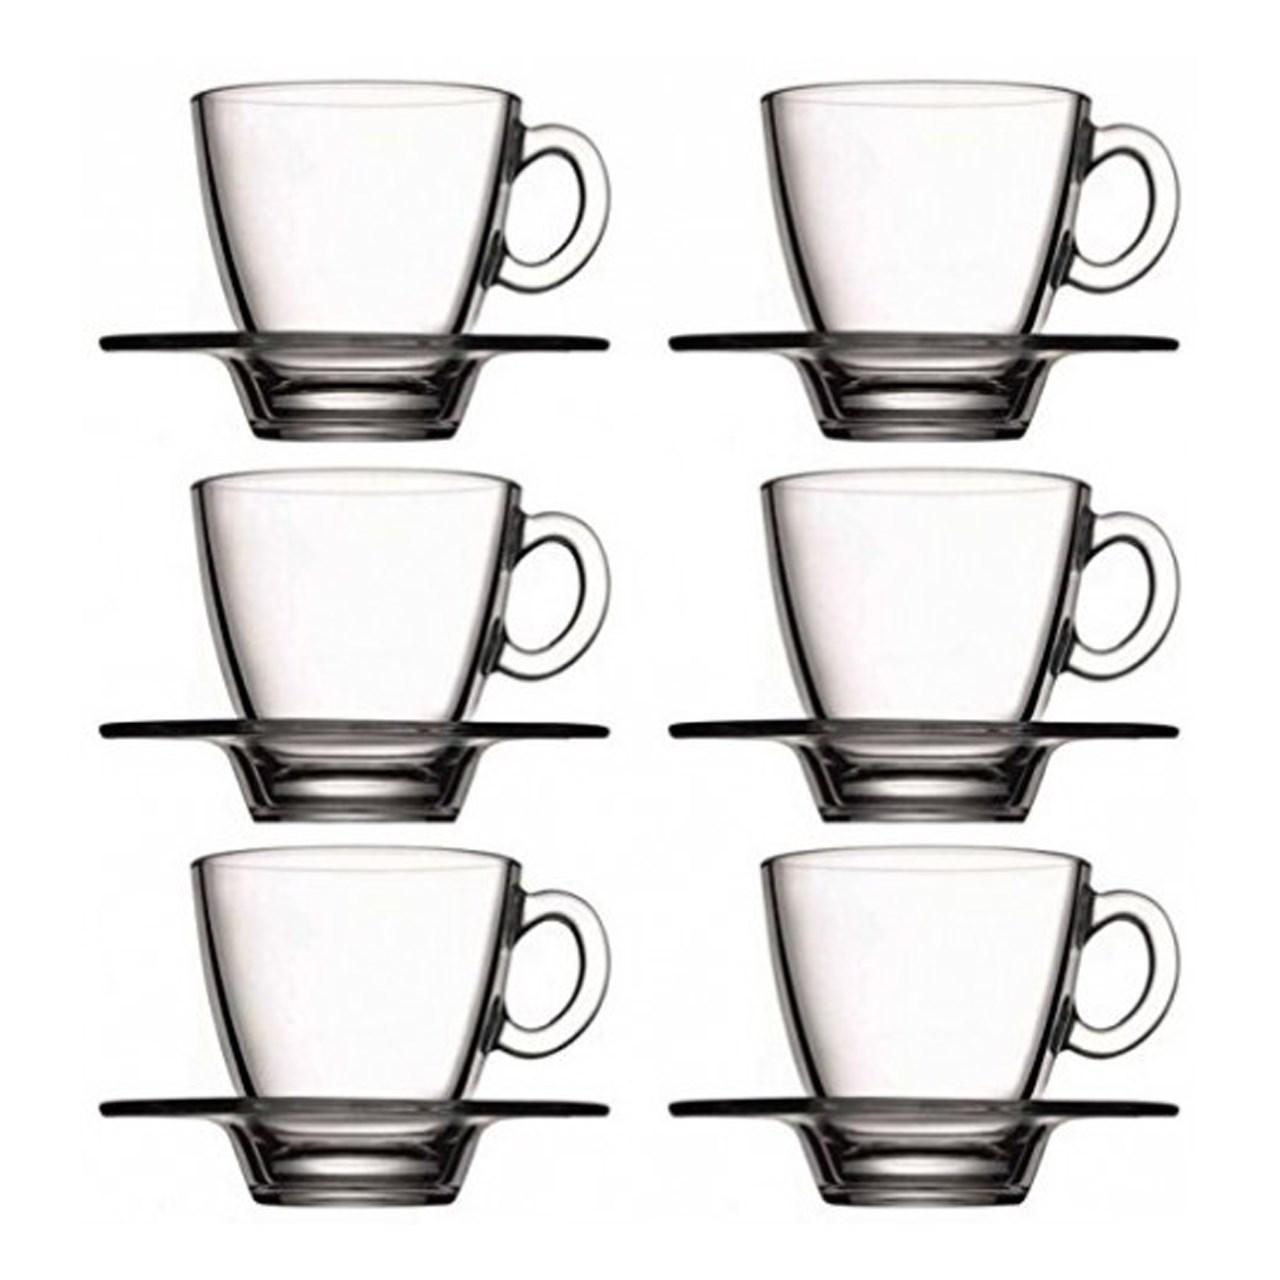 عکس ست فنجان و نعلبکی پاشاباغچه مدلAqua کد 95040 -بسته 6 عددی